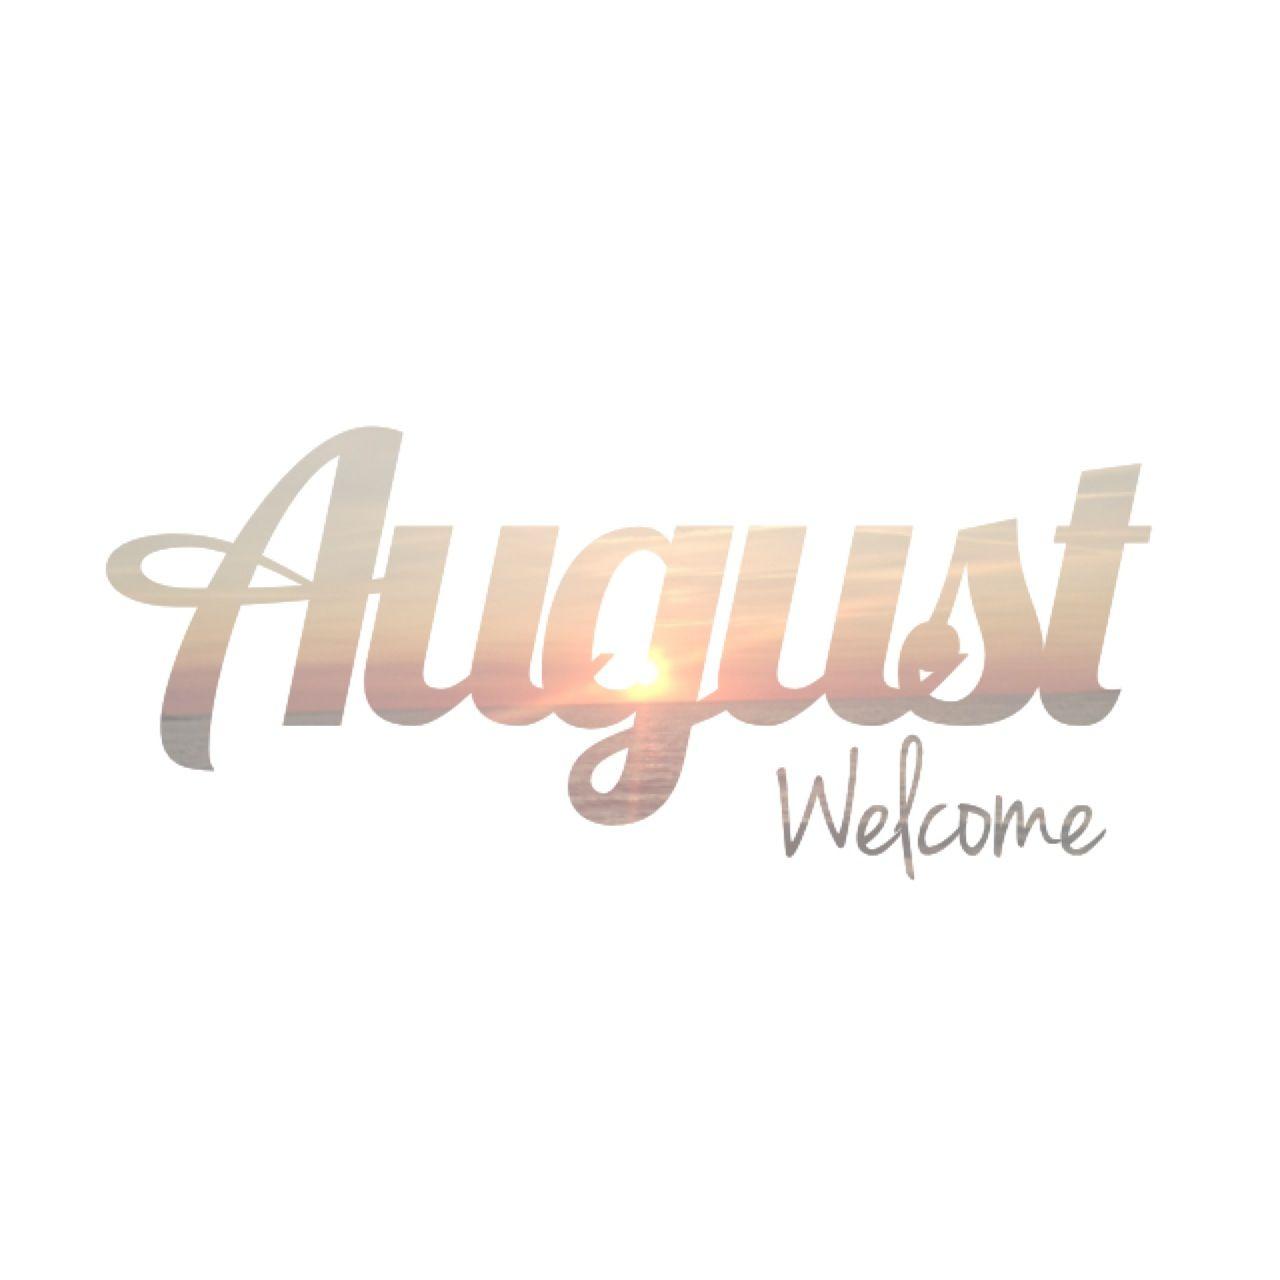 August birthday month my august birthday month quotes quotesgram - August August Rushsummertime August Augustbabies Today My Birthdayhubby Birthdayaugust Birthdaybirthday Monthleo